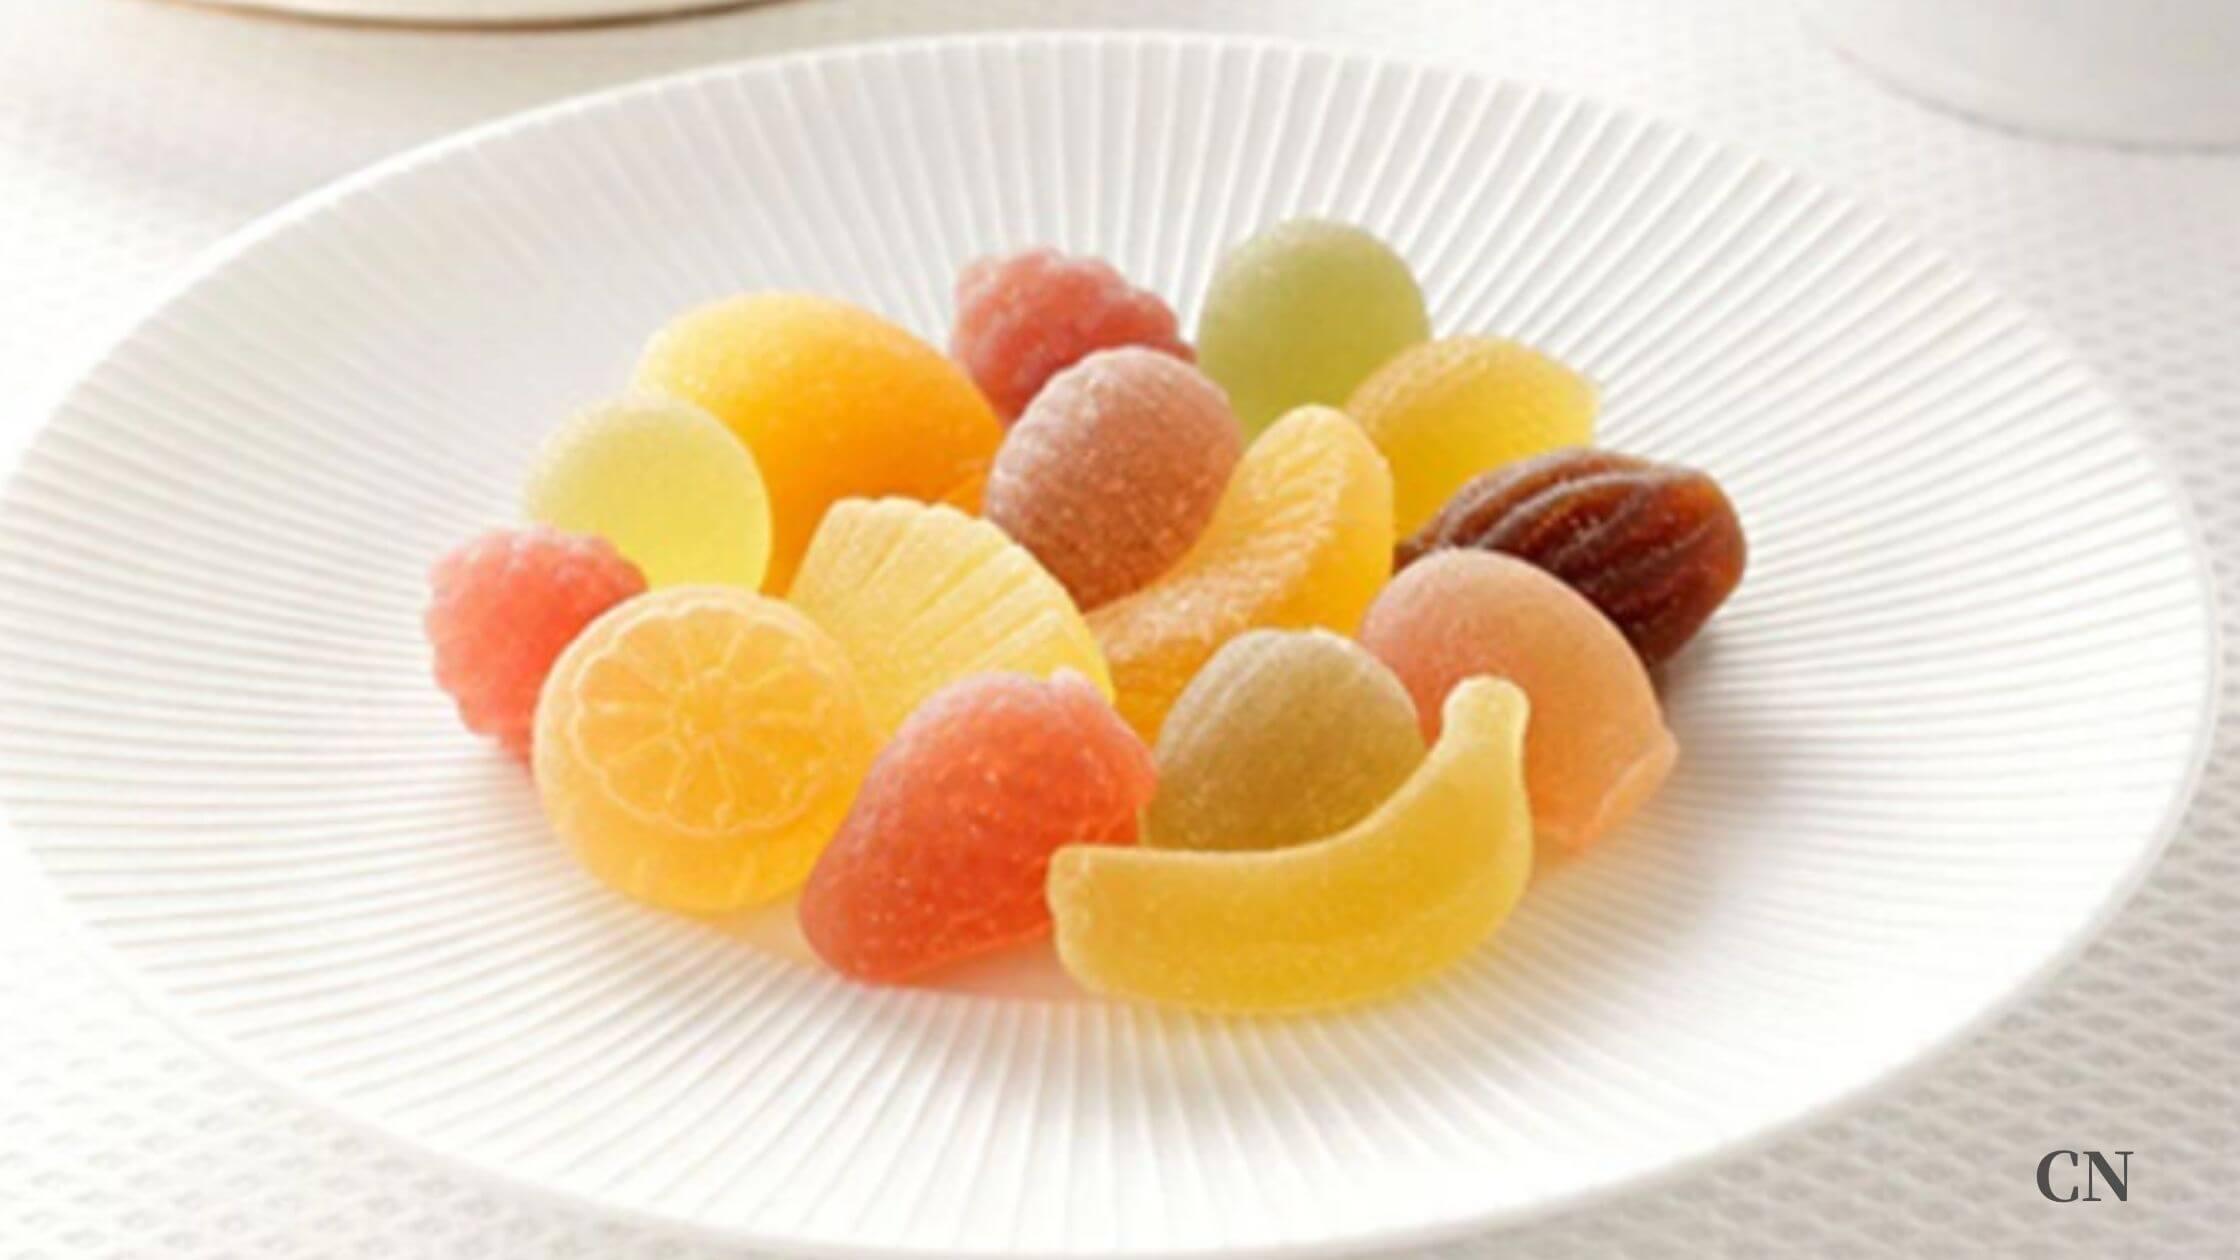 【口コミ】彩果の宝石はまずい?カロリーは?食べた感想レビュー